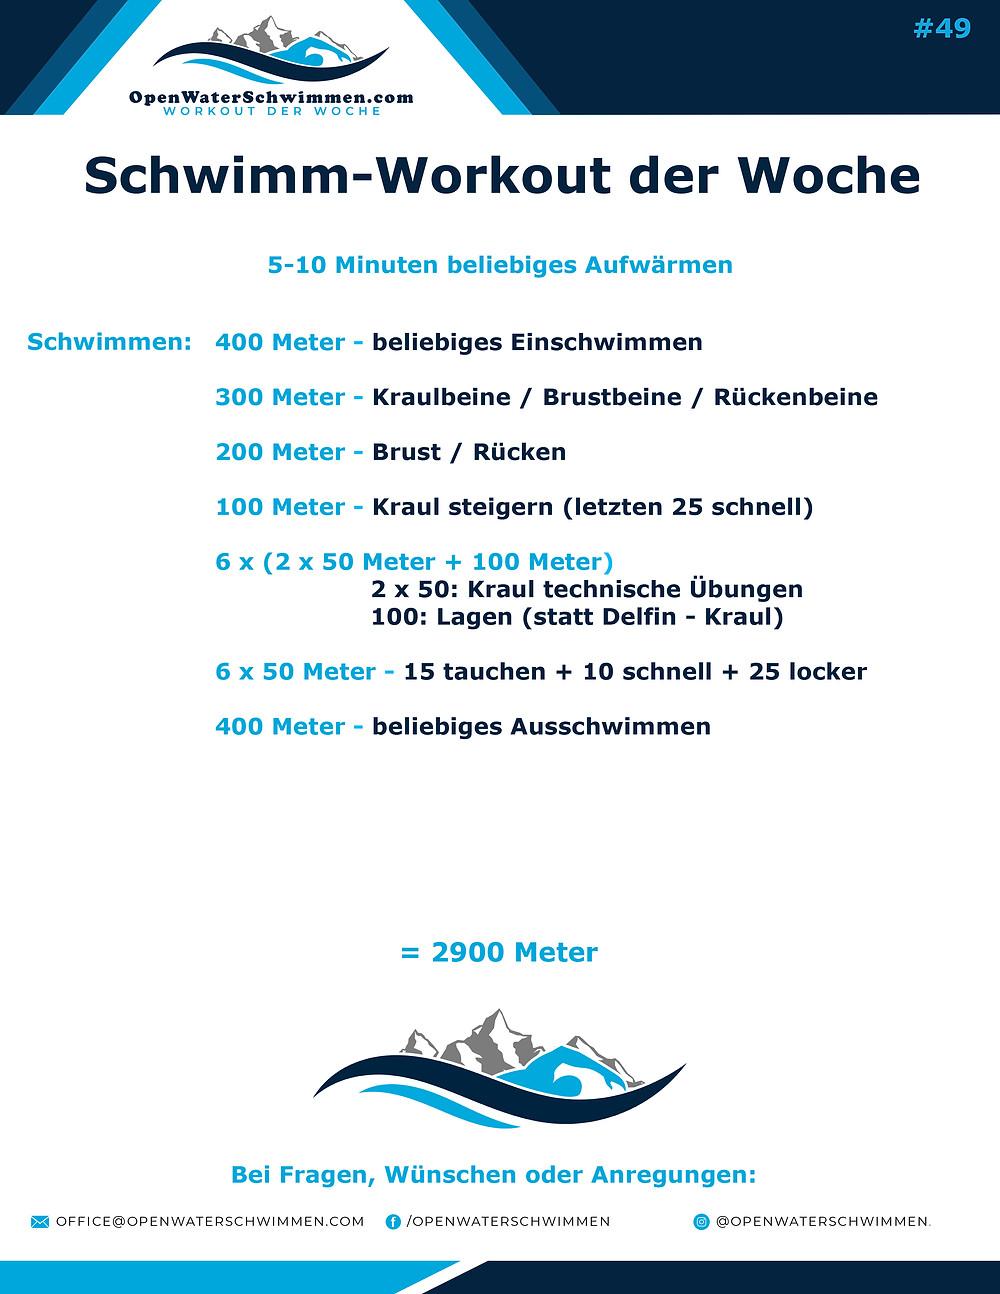 Das Schwimm-Workout der Woche Nummer 49